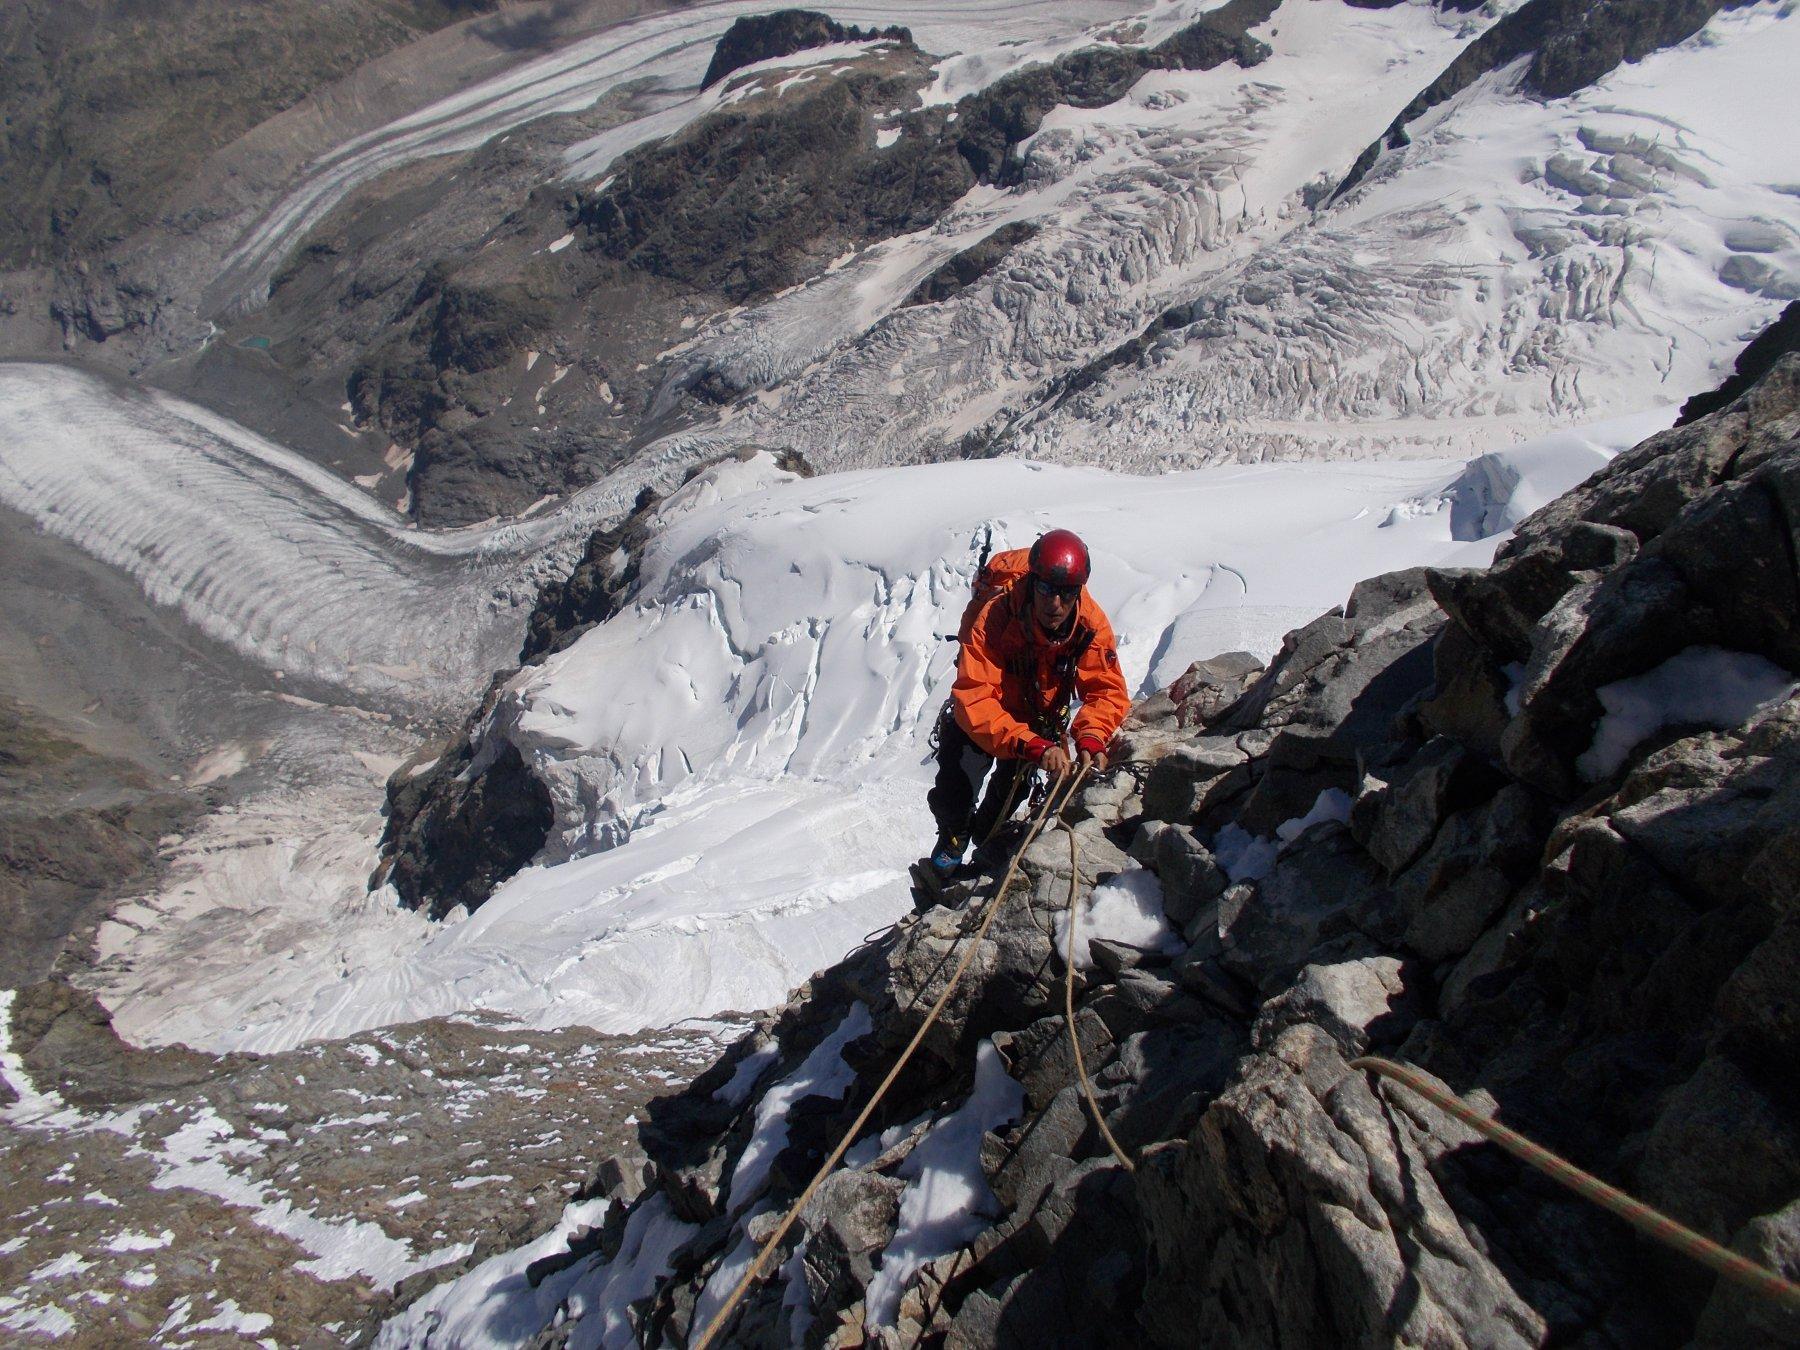 arrampicata aerea al di sopra del tormentato ghiacciaio di Morteratsch..